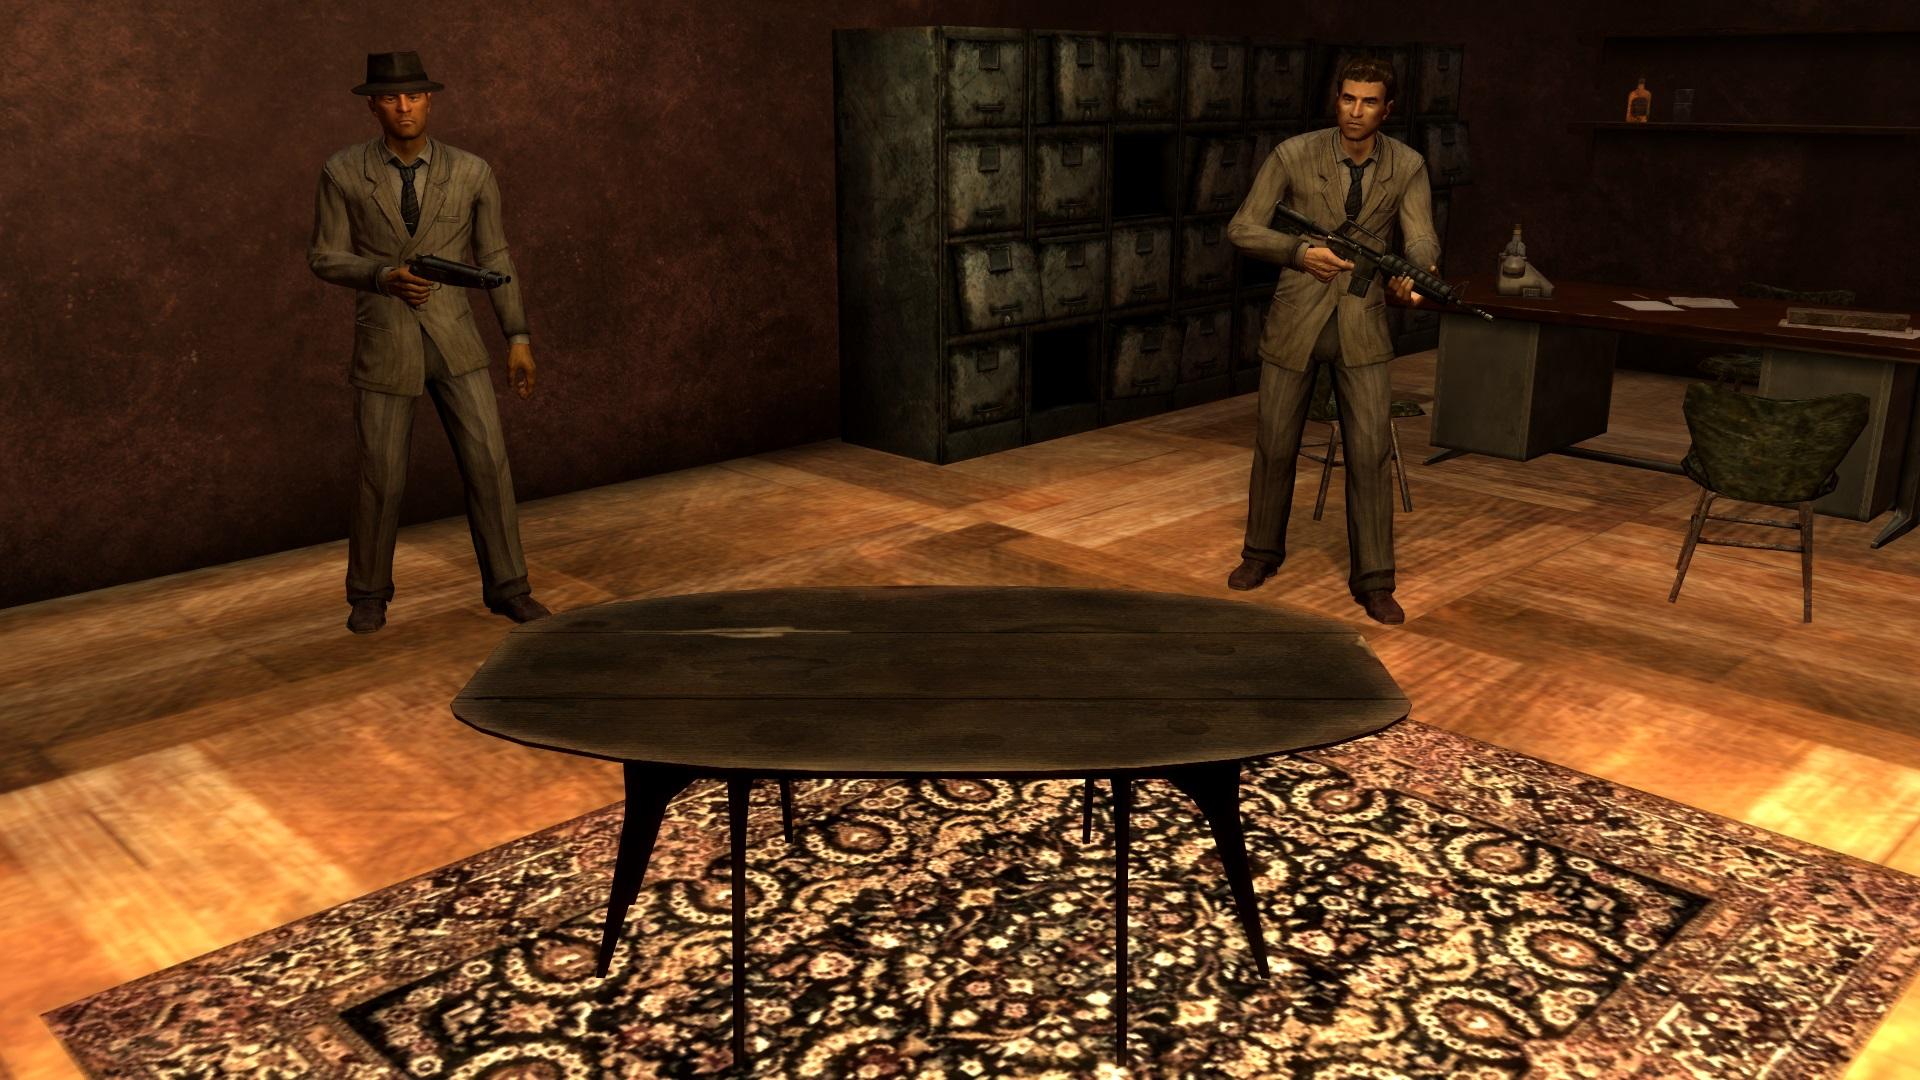 Fallout new vegas прохождения казино настоящие казино можно найти 10 ки карточных столов столов игры